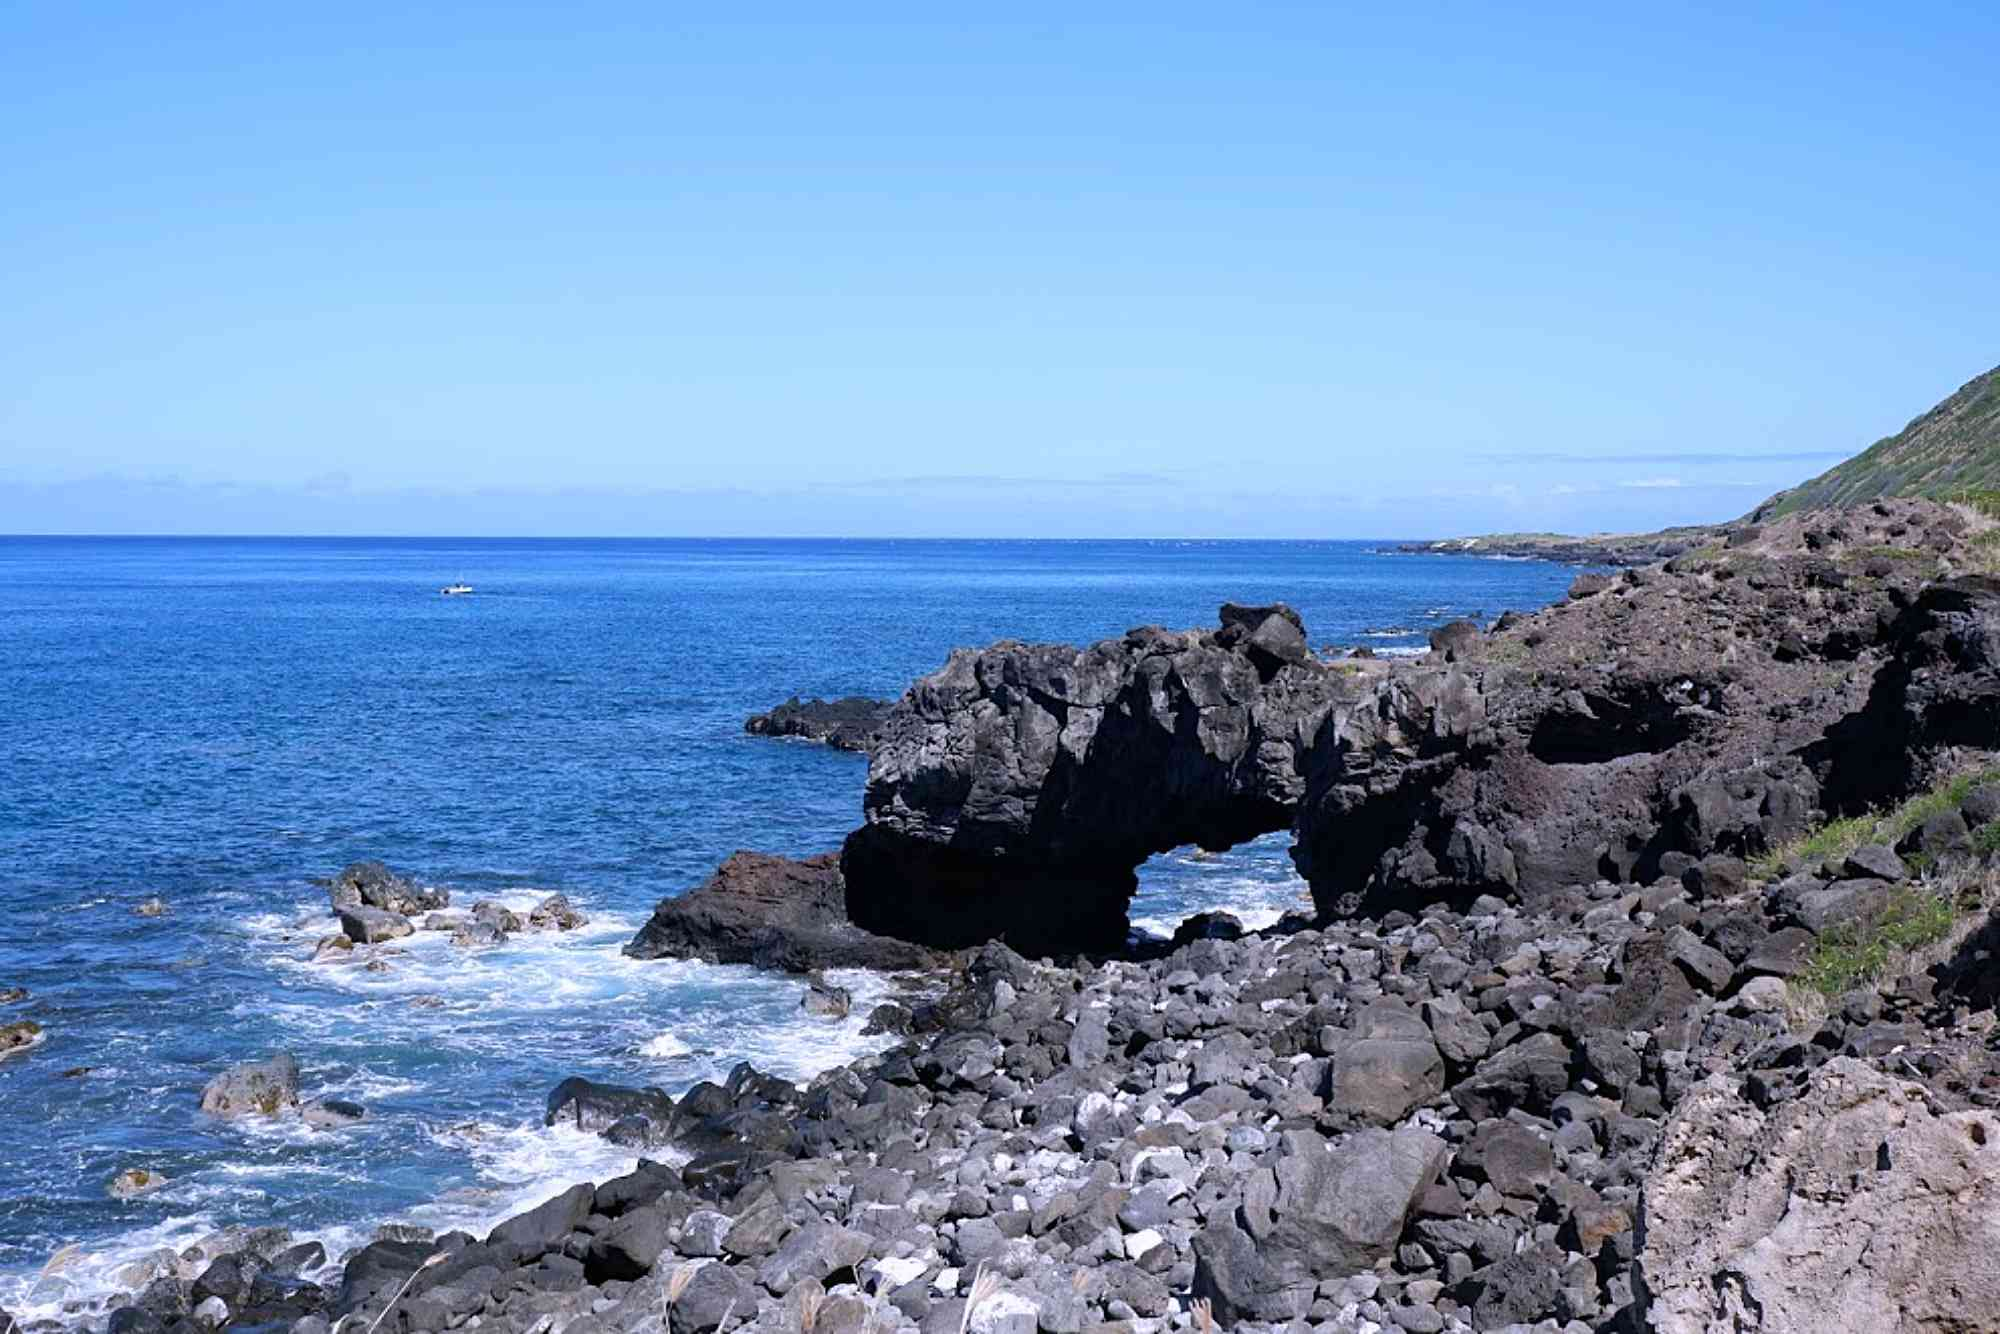 Kaena Point State Park on Oahu